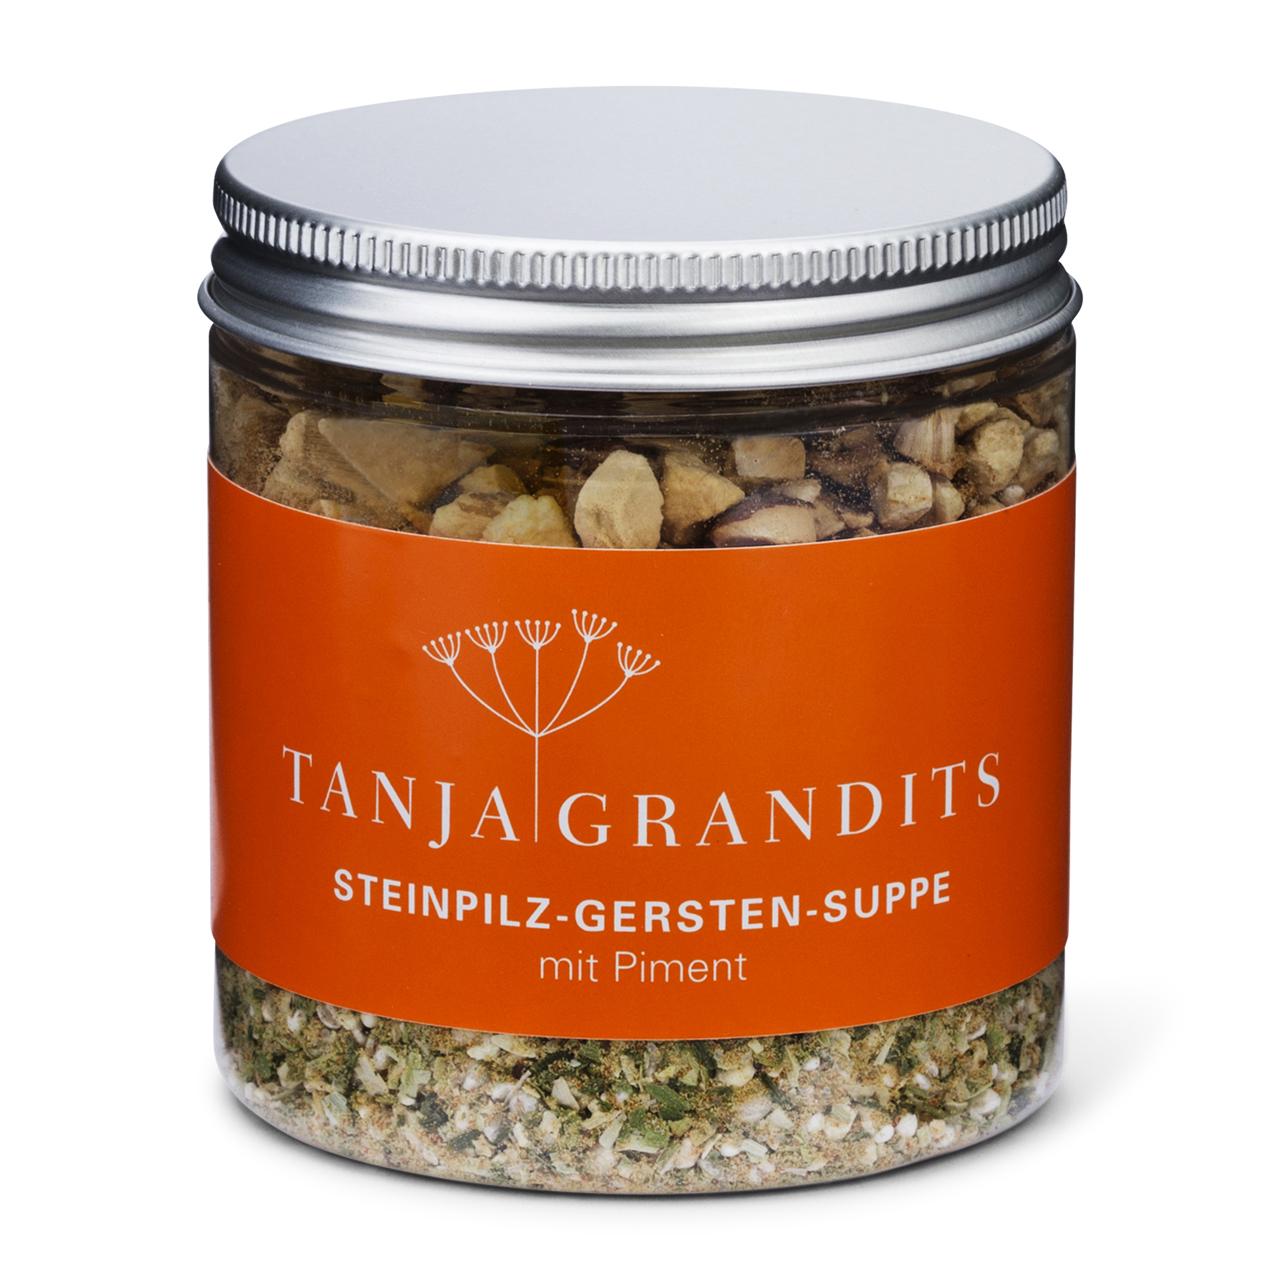 Tanja Grandits: Steinpilz Gersten Suppe mit Piment